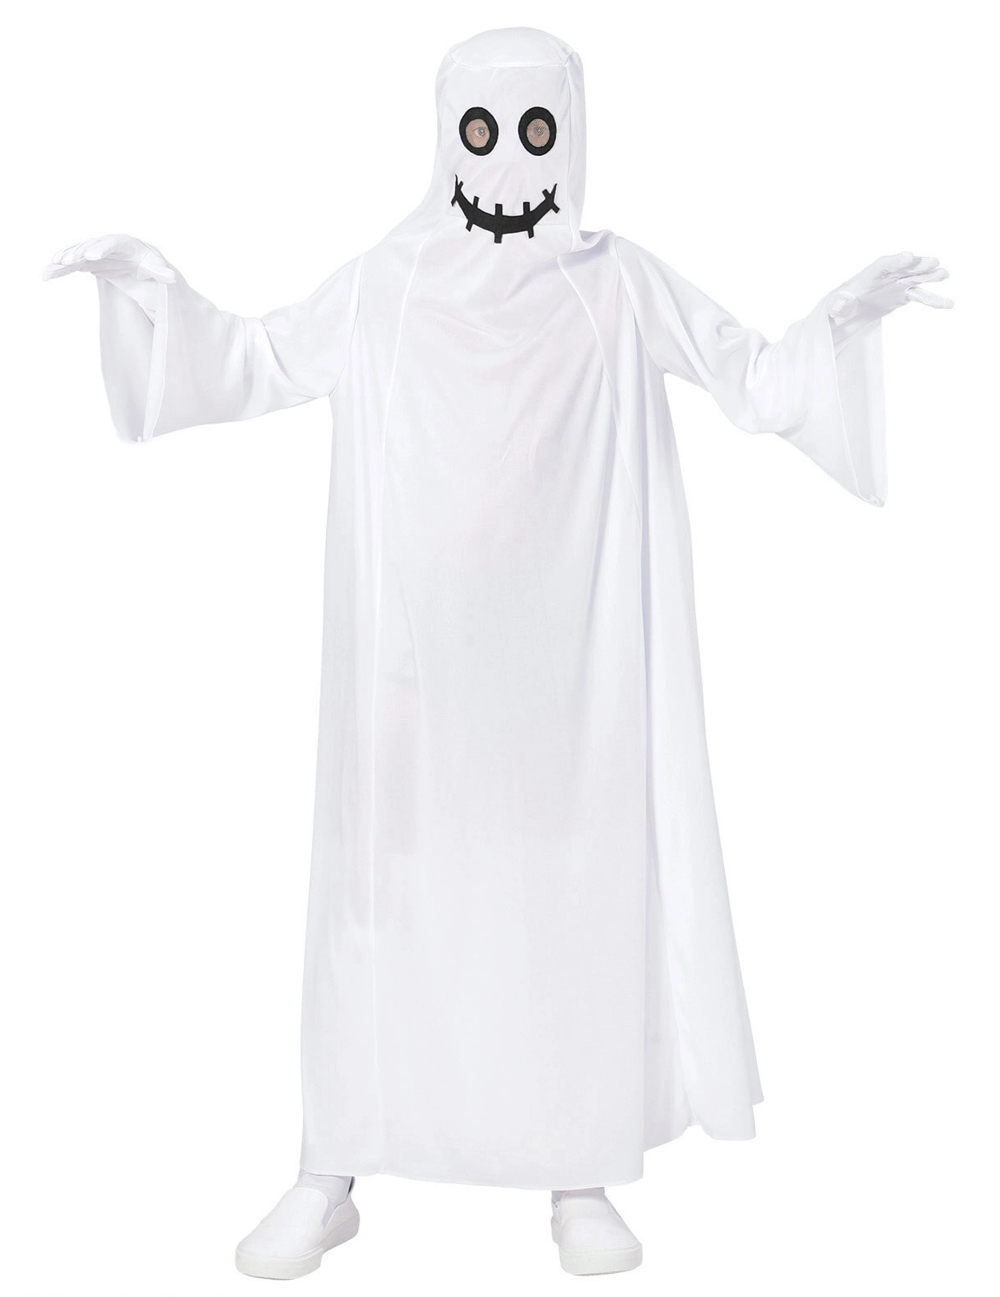 Déguisement fantôme blanc enfant #deguisementfantomeenfant